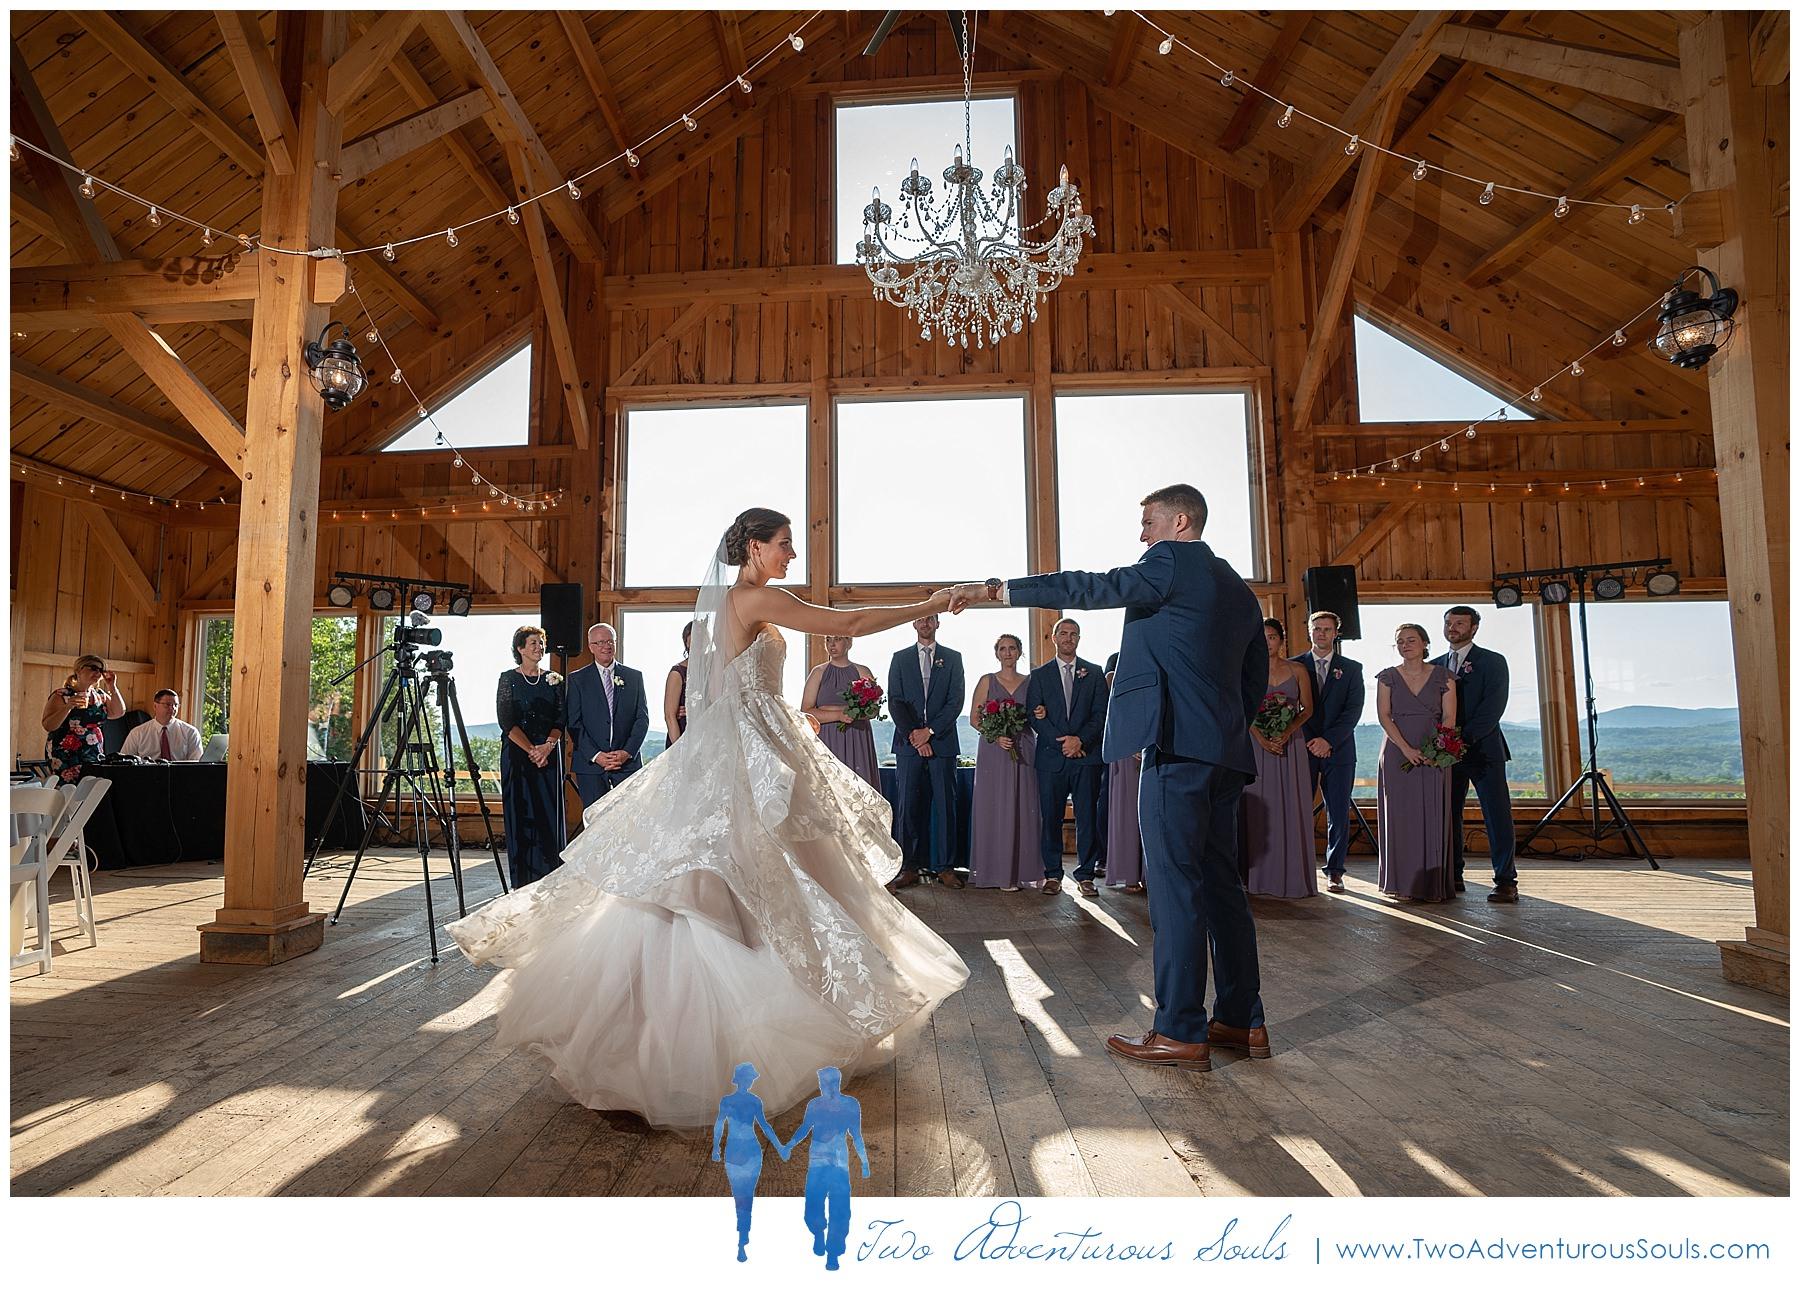 Maine Wedding Photographers, Granite Ridge Estate Wedding Photographers, Two Adventurous Souls - 080319_0061.jpg